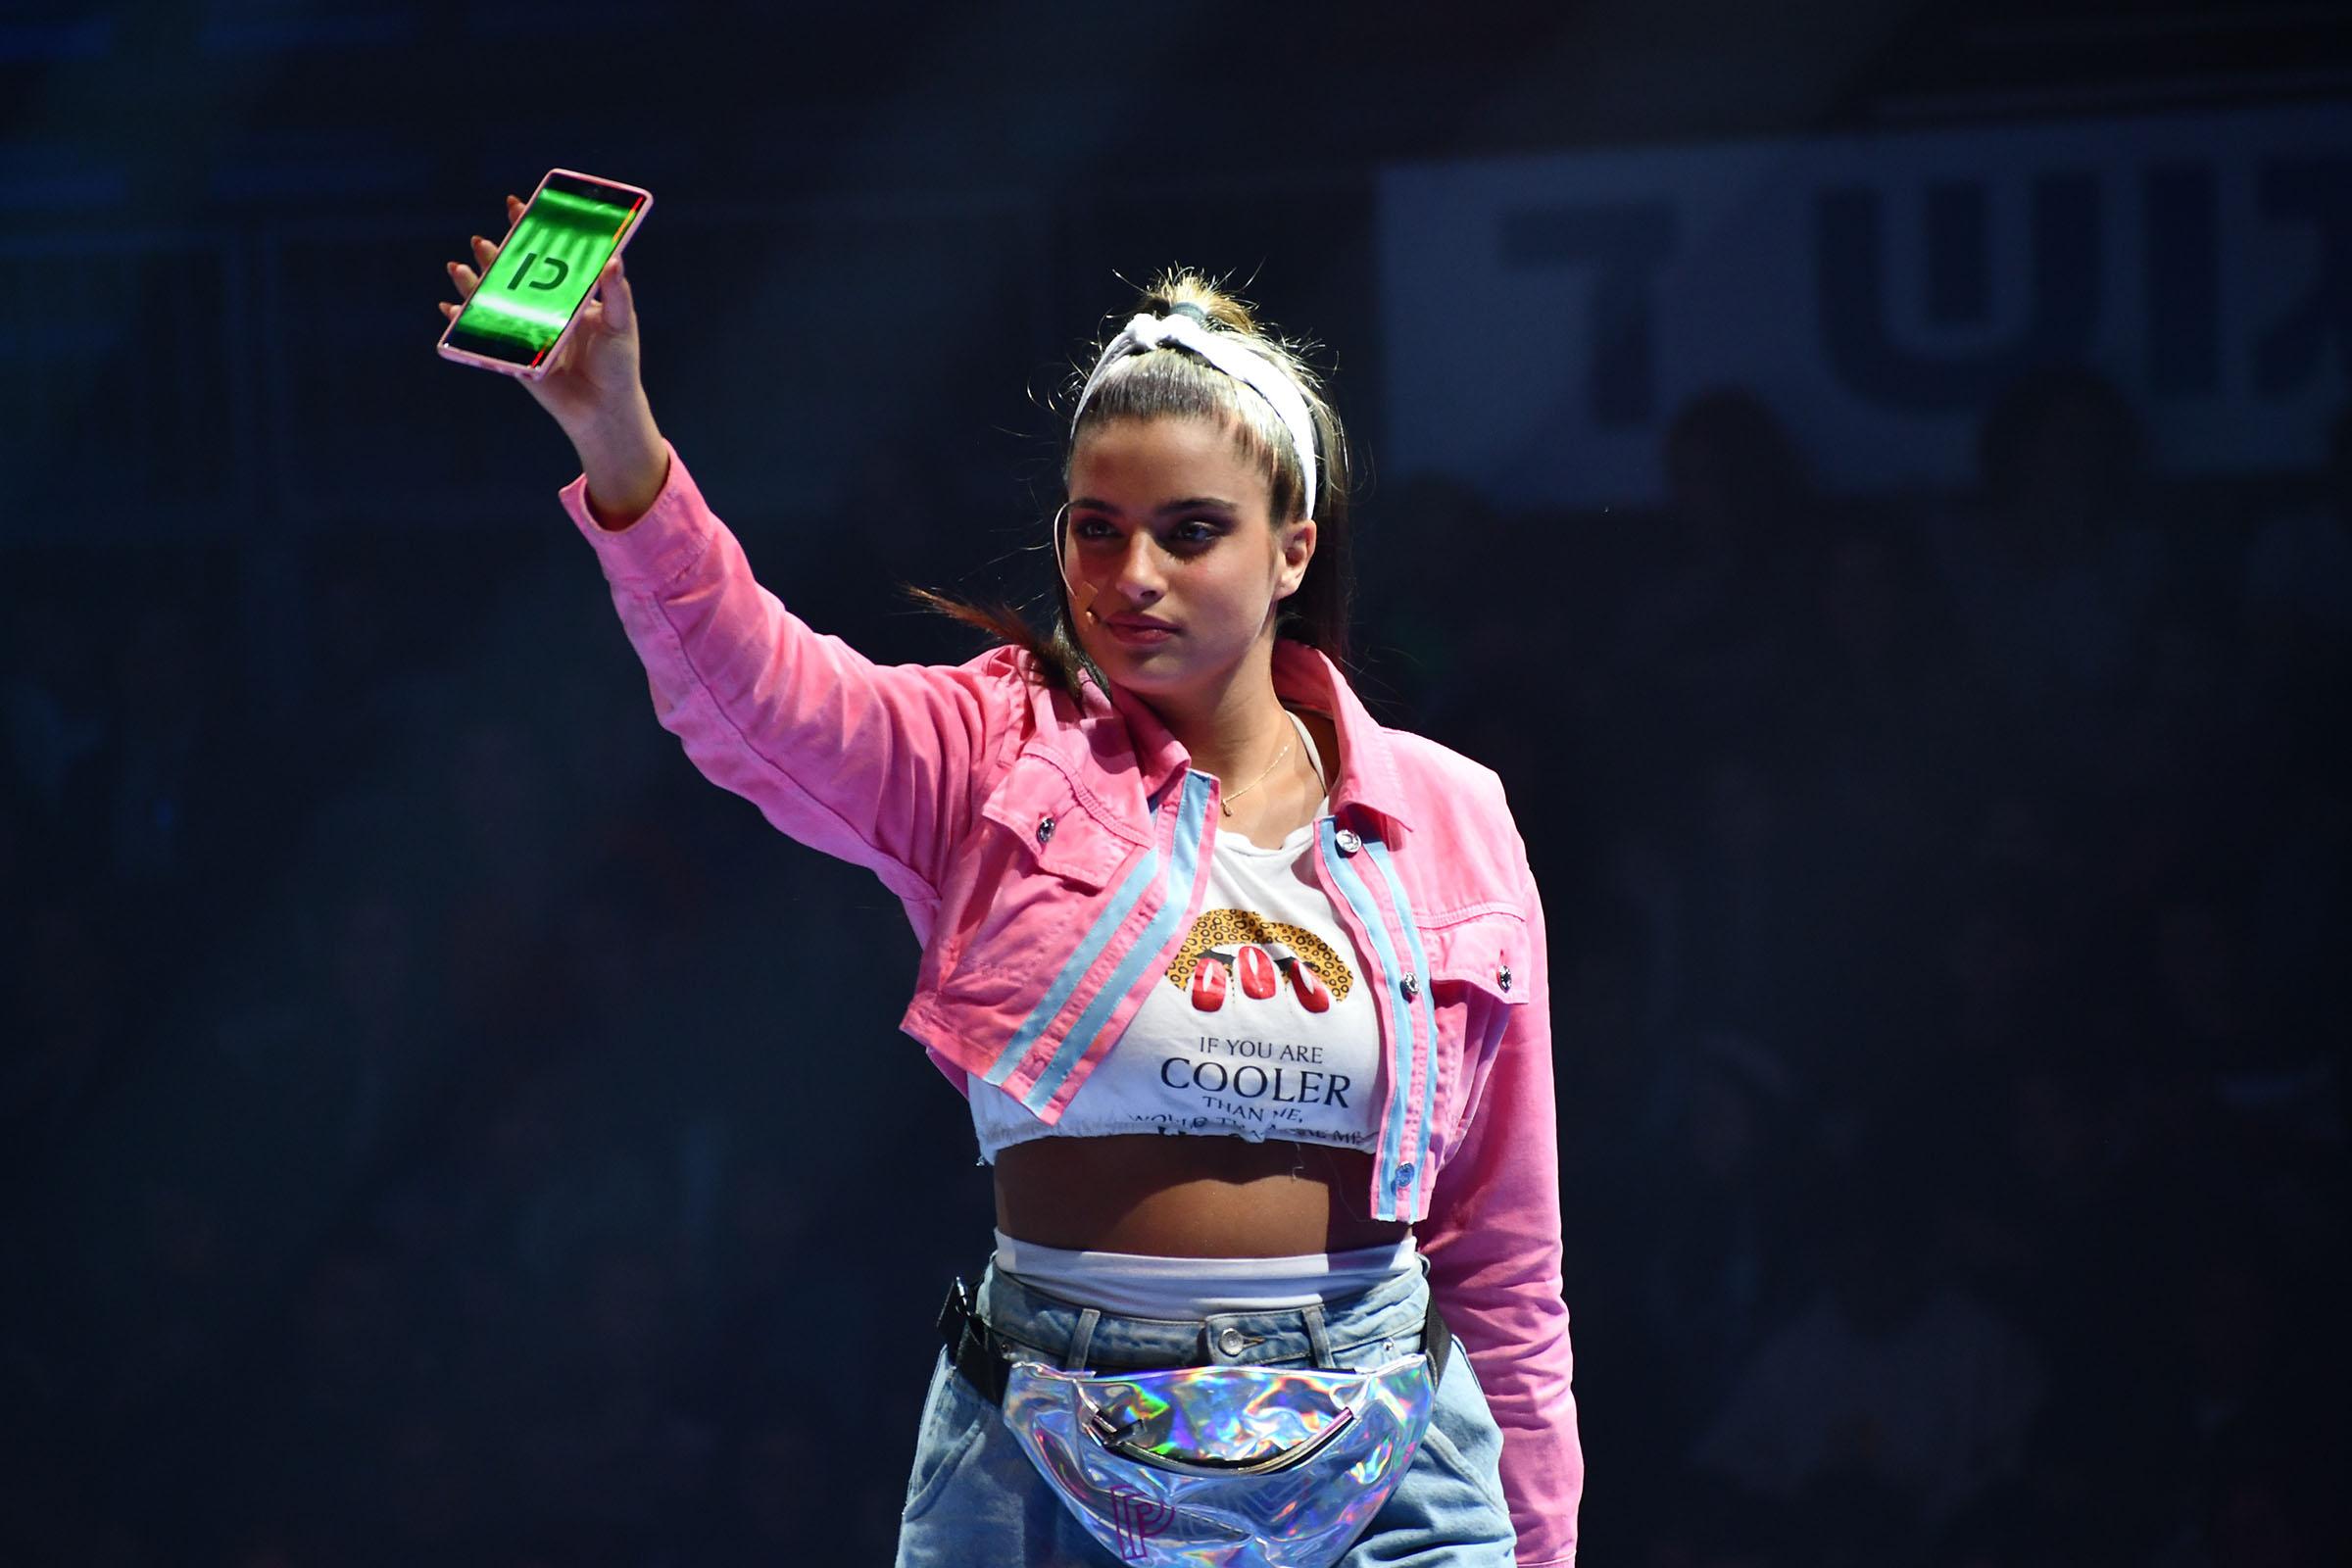 נועה קירל מציגה את האפליקציה לקהל, צילום: שיר קורן